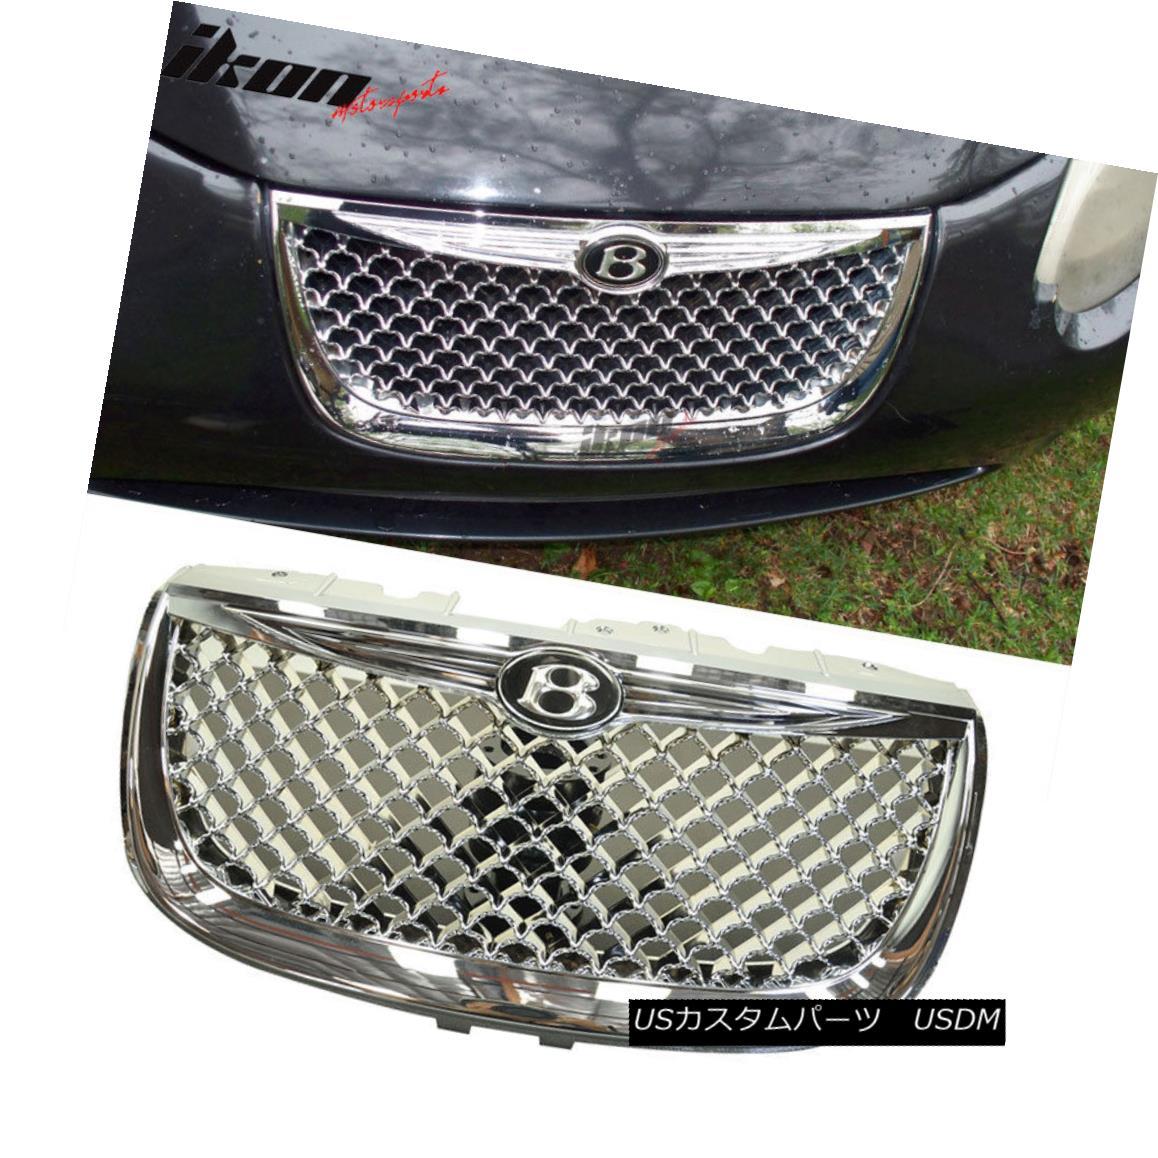 グリル Fits 99-04 Chrysler 300M Diamond Chrome Mesh Hood Grille With Emblem - ABS 適合99-04クライスラー300Mダイヤモンドクロームメッシュフードグリルエンブレム付き - ABS